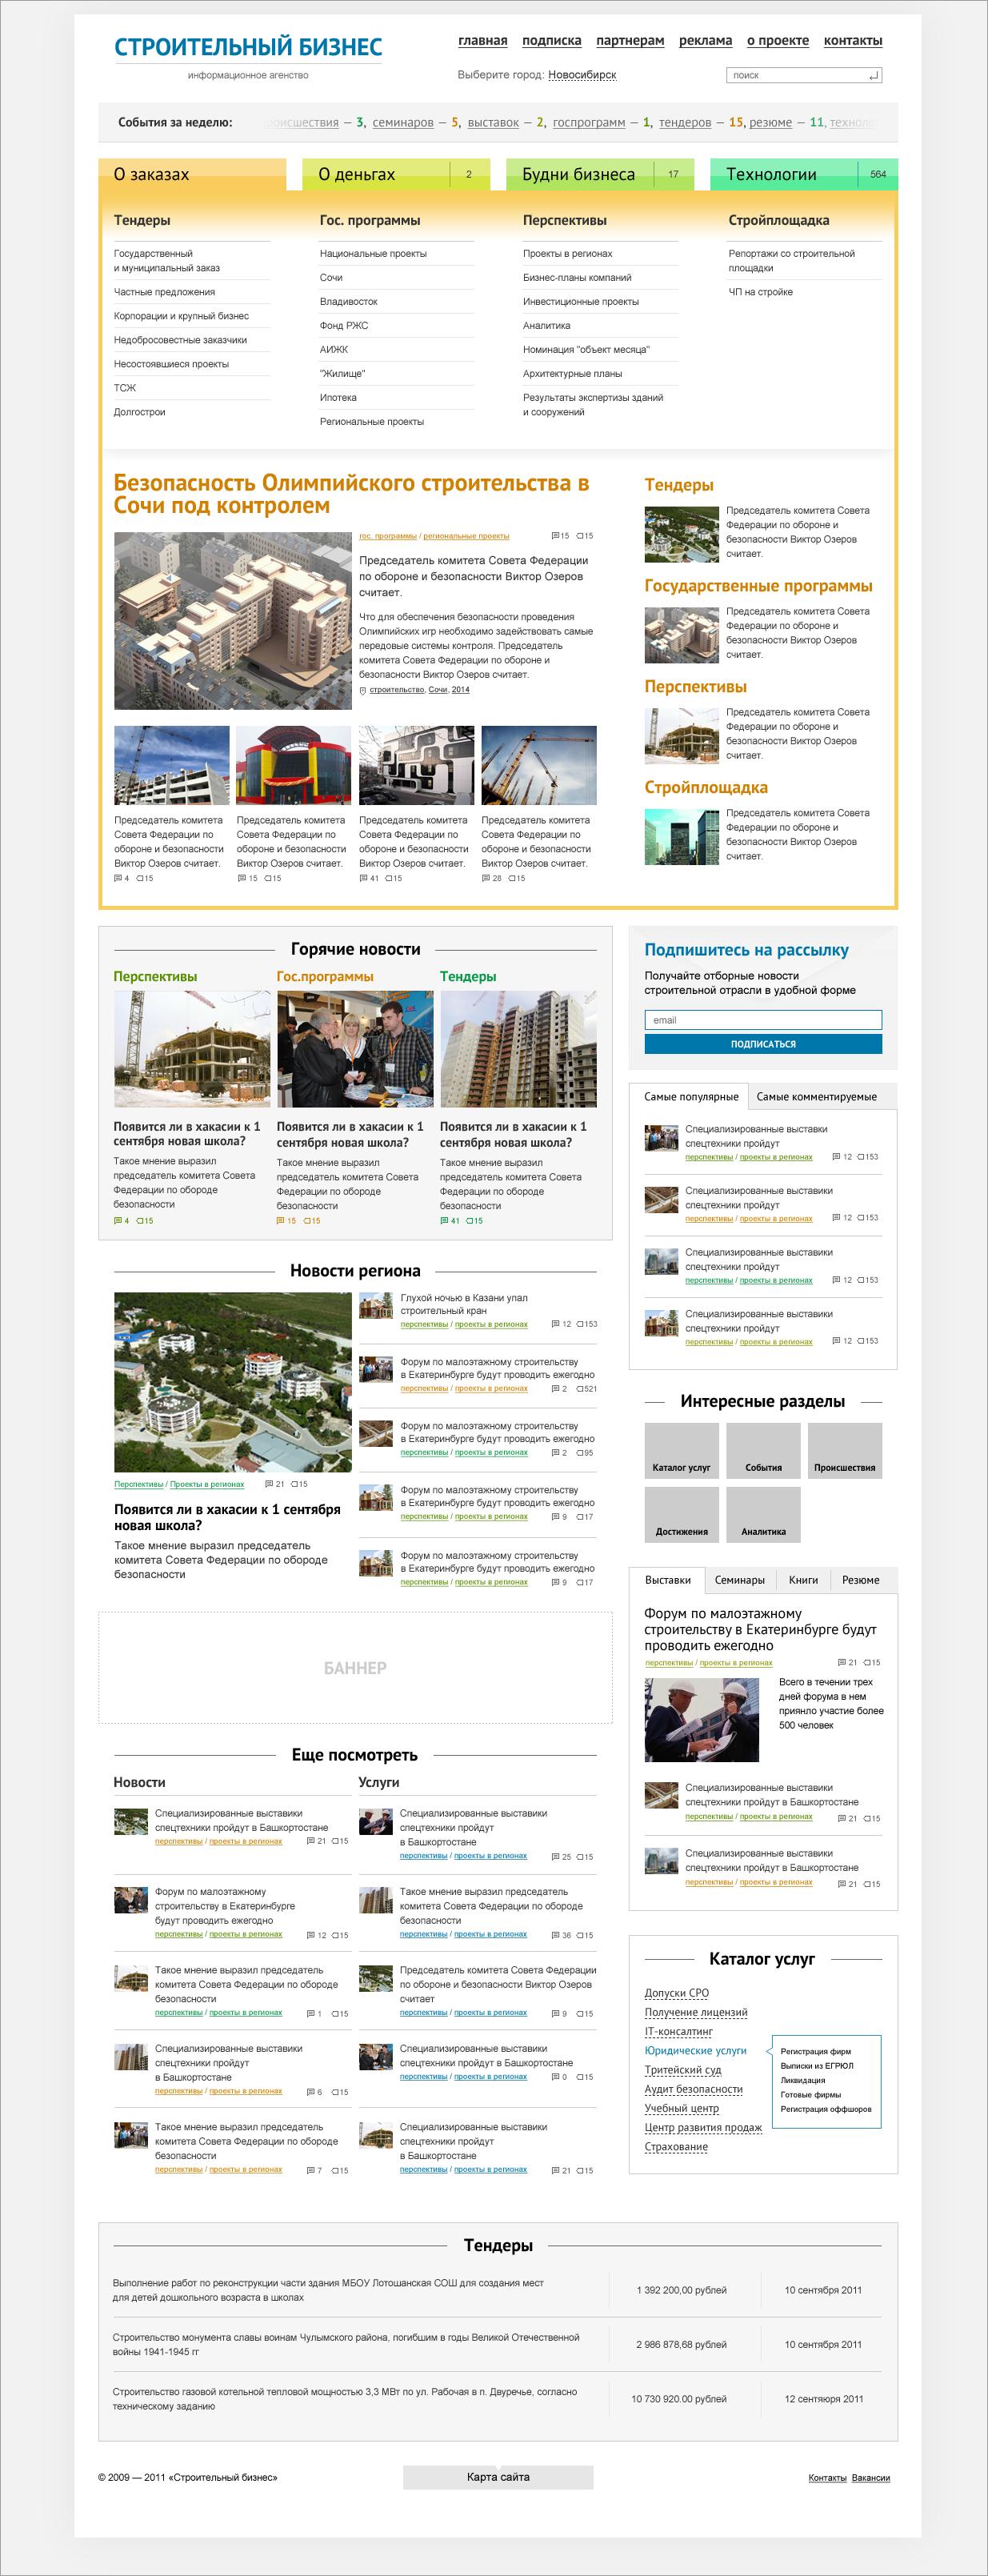 <p><b>Макет главной страницы</b></p><p>Согласно техзаданию, под каждой новостью есть «хлебные крошки», метки икомментарии, анавсем сайте применяется кодирование цветом. Для осуществления последнего пожелания немного дорабатываем макет.</p>